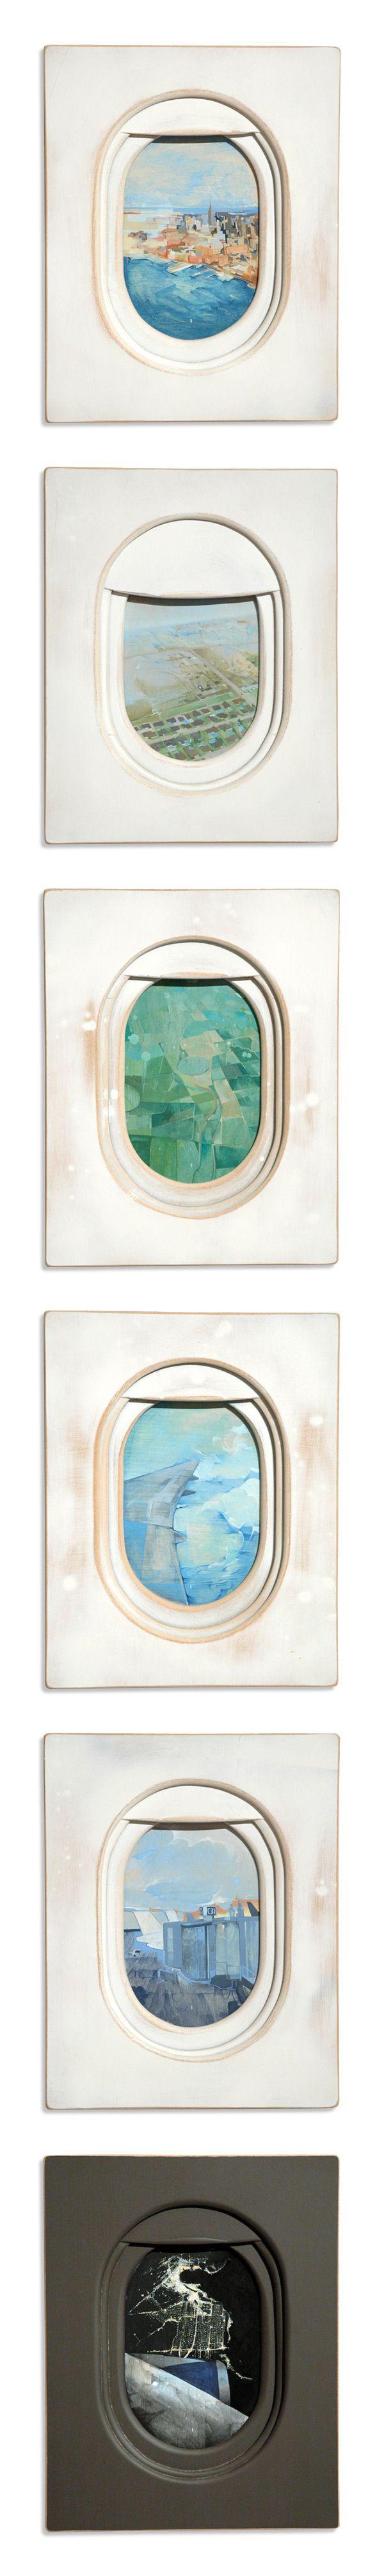 jim darling airplane window paintings